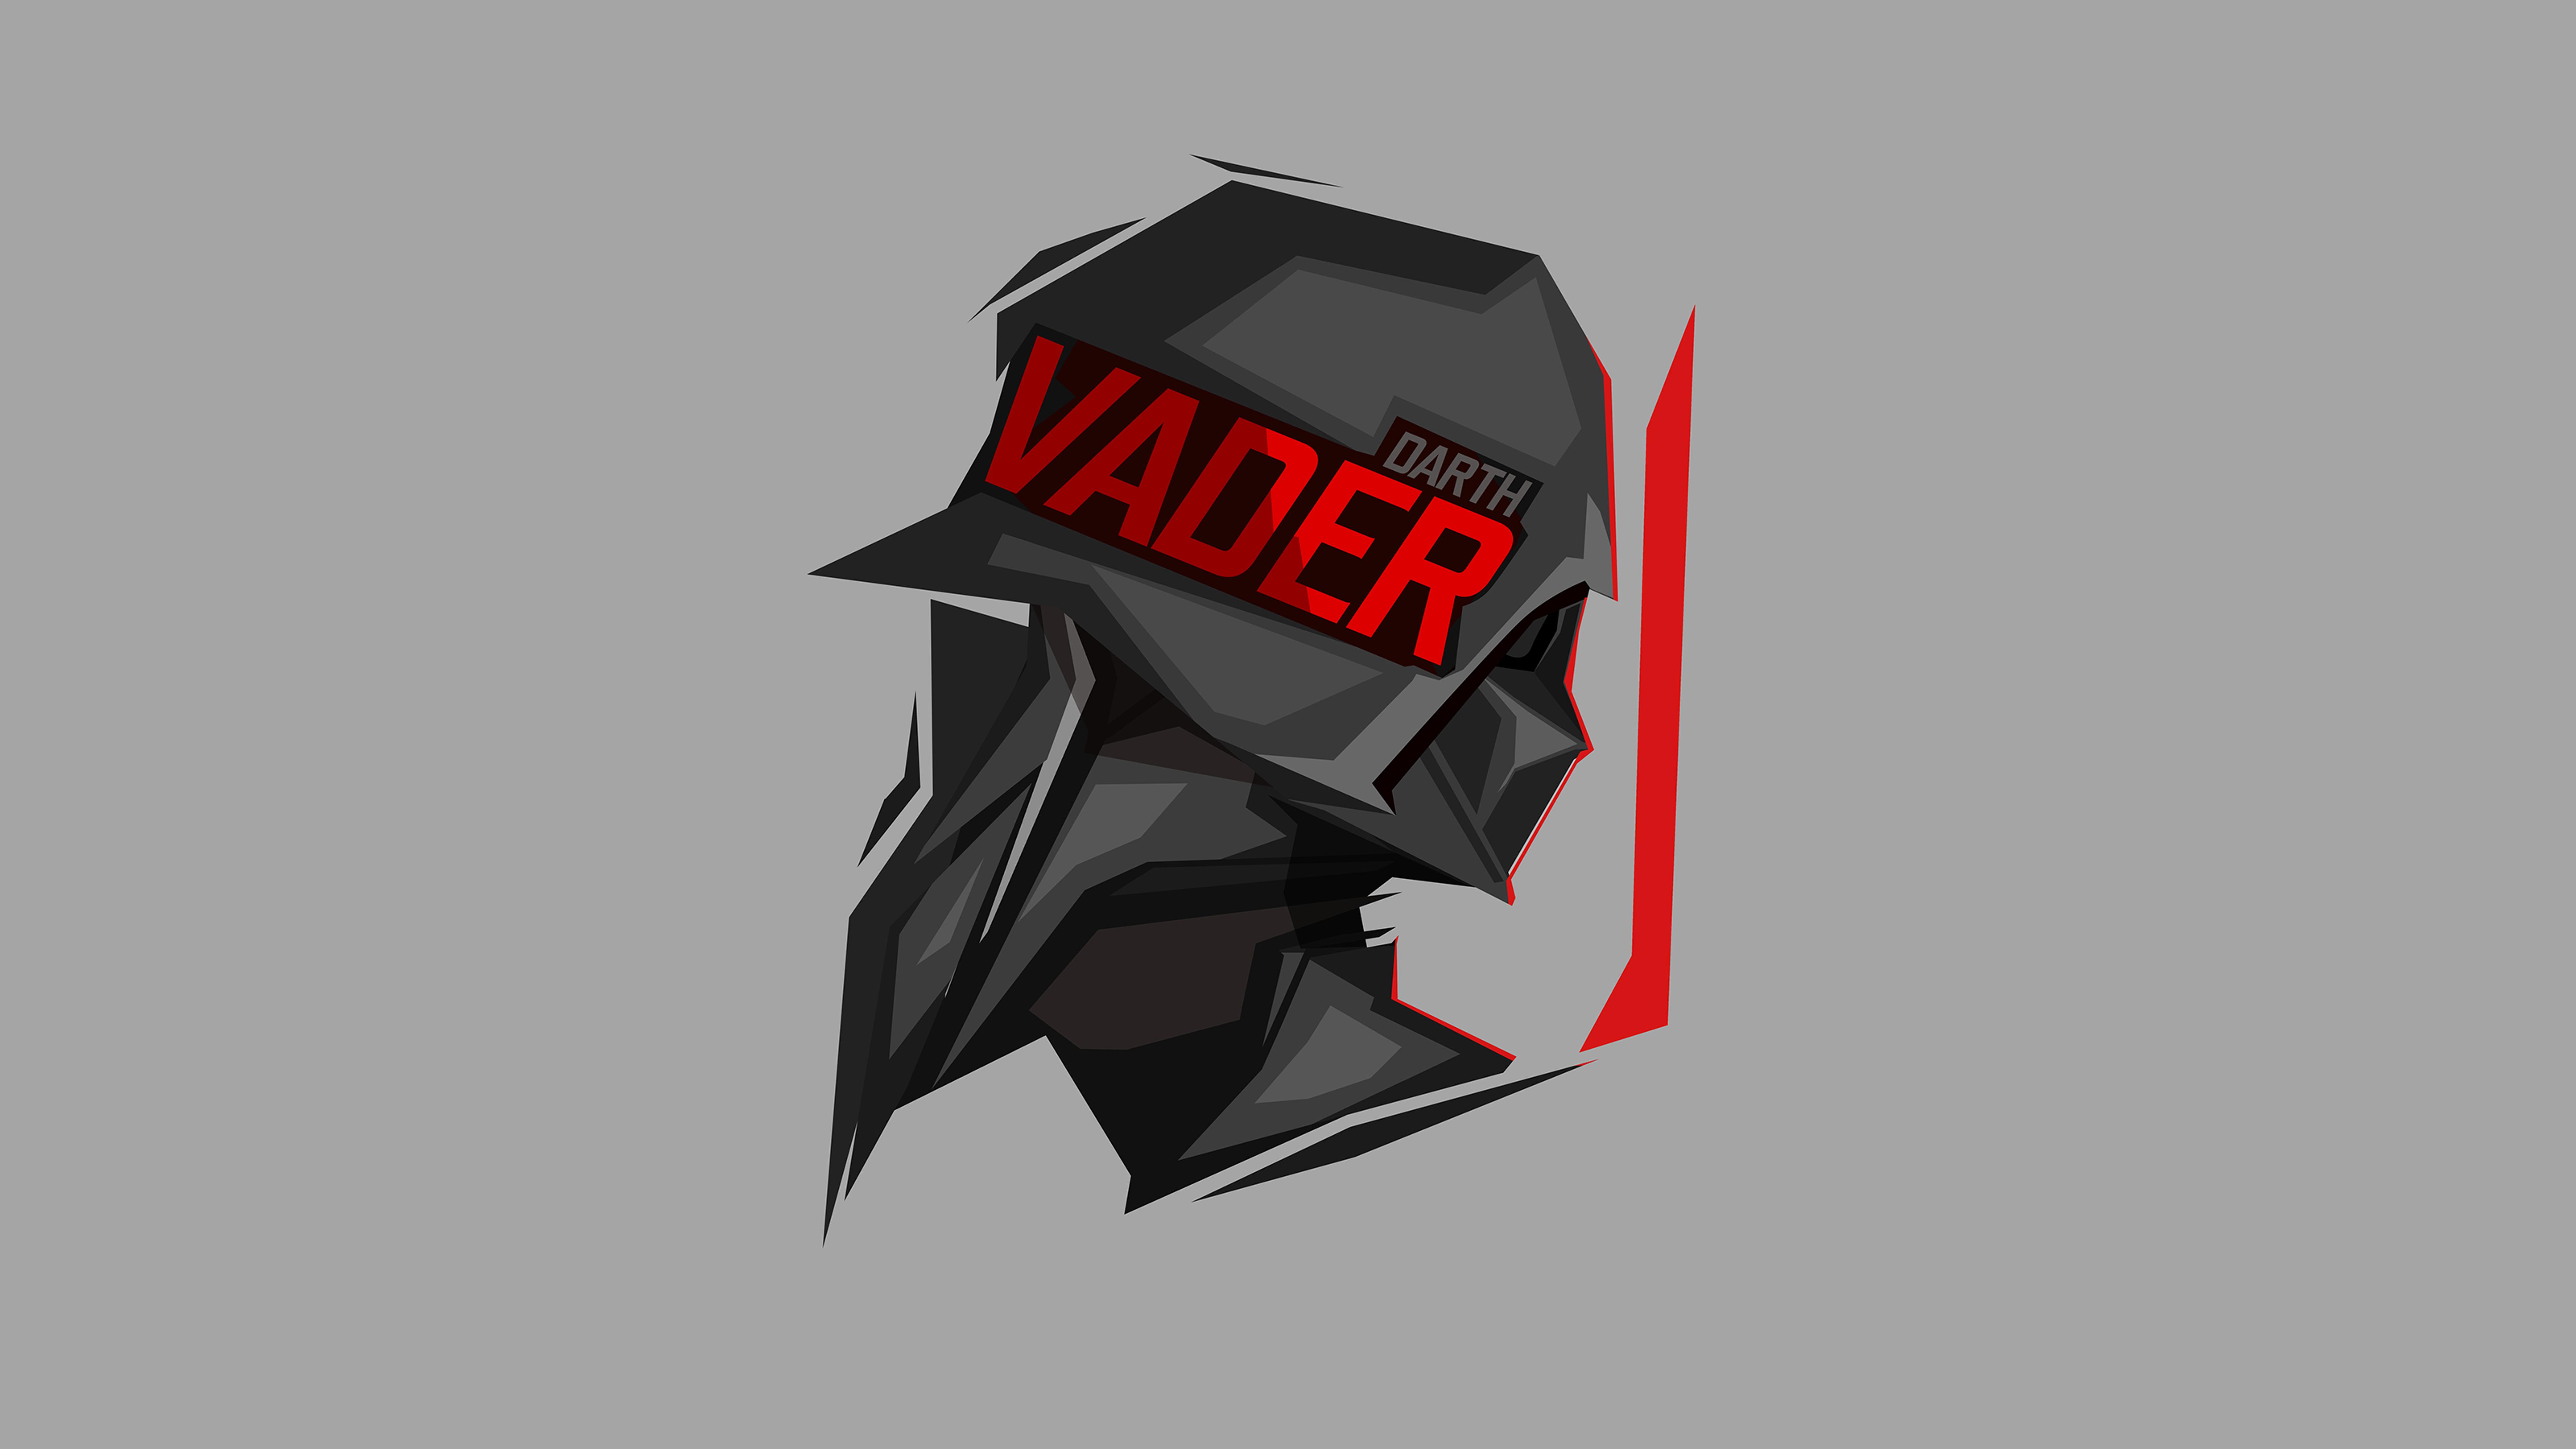 Darth vader clipart ultra hd. Star wars illustration wallpaper